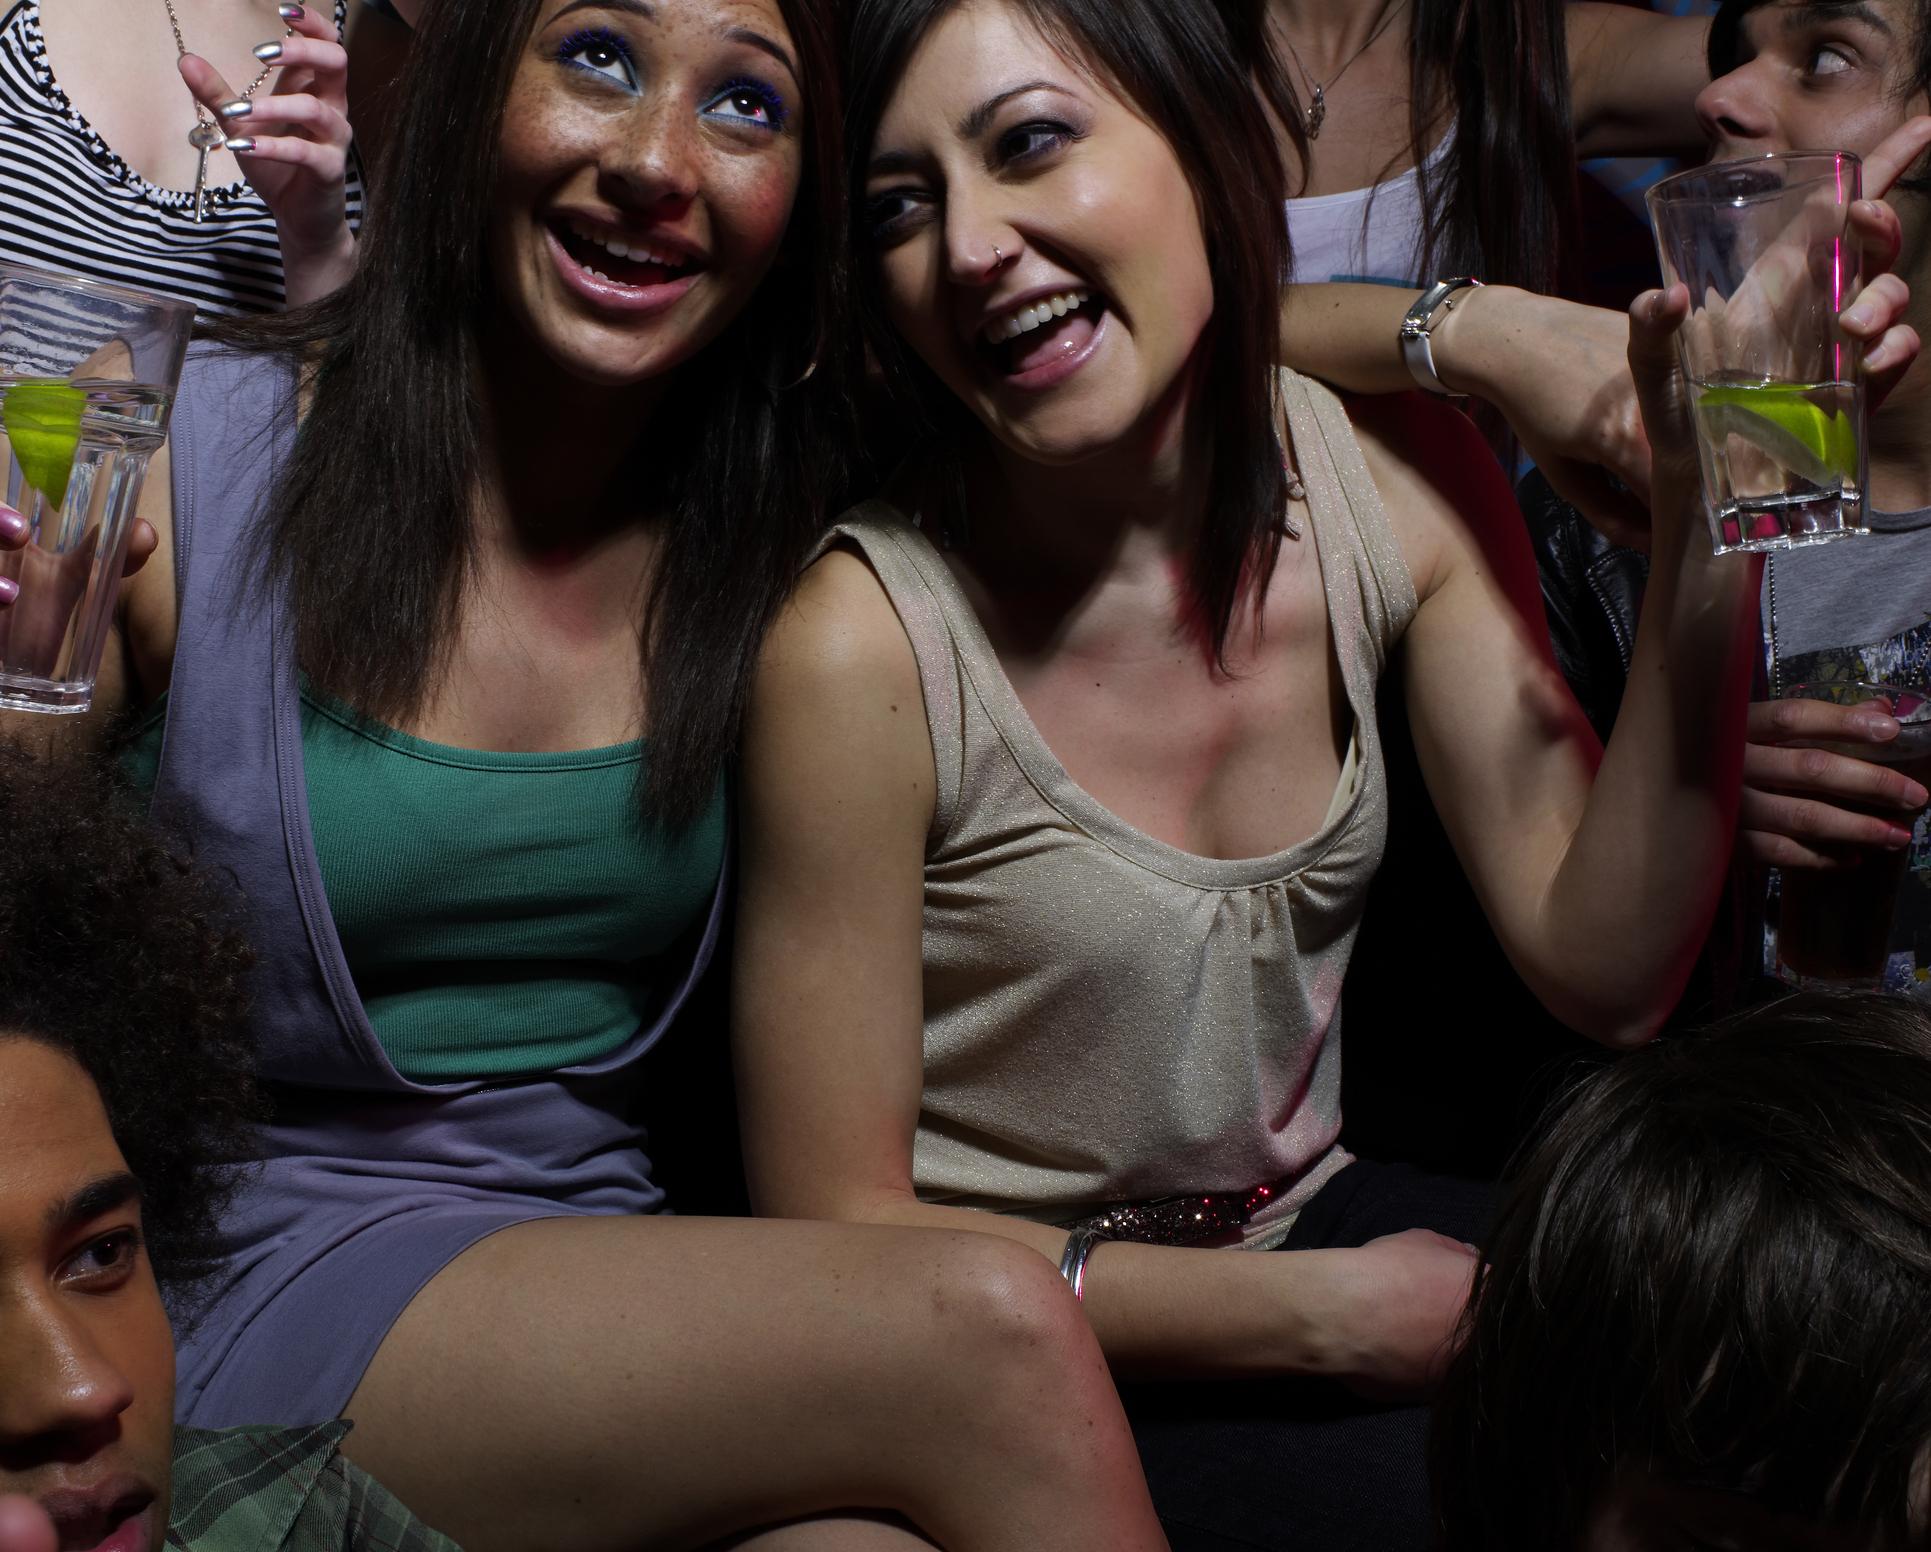 Мъжете също обичат купоните, но не им харесва, когато излизаш твърде често с приятелки за нощни забавления.